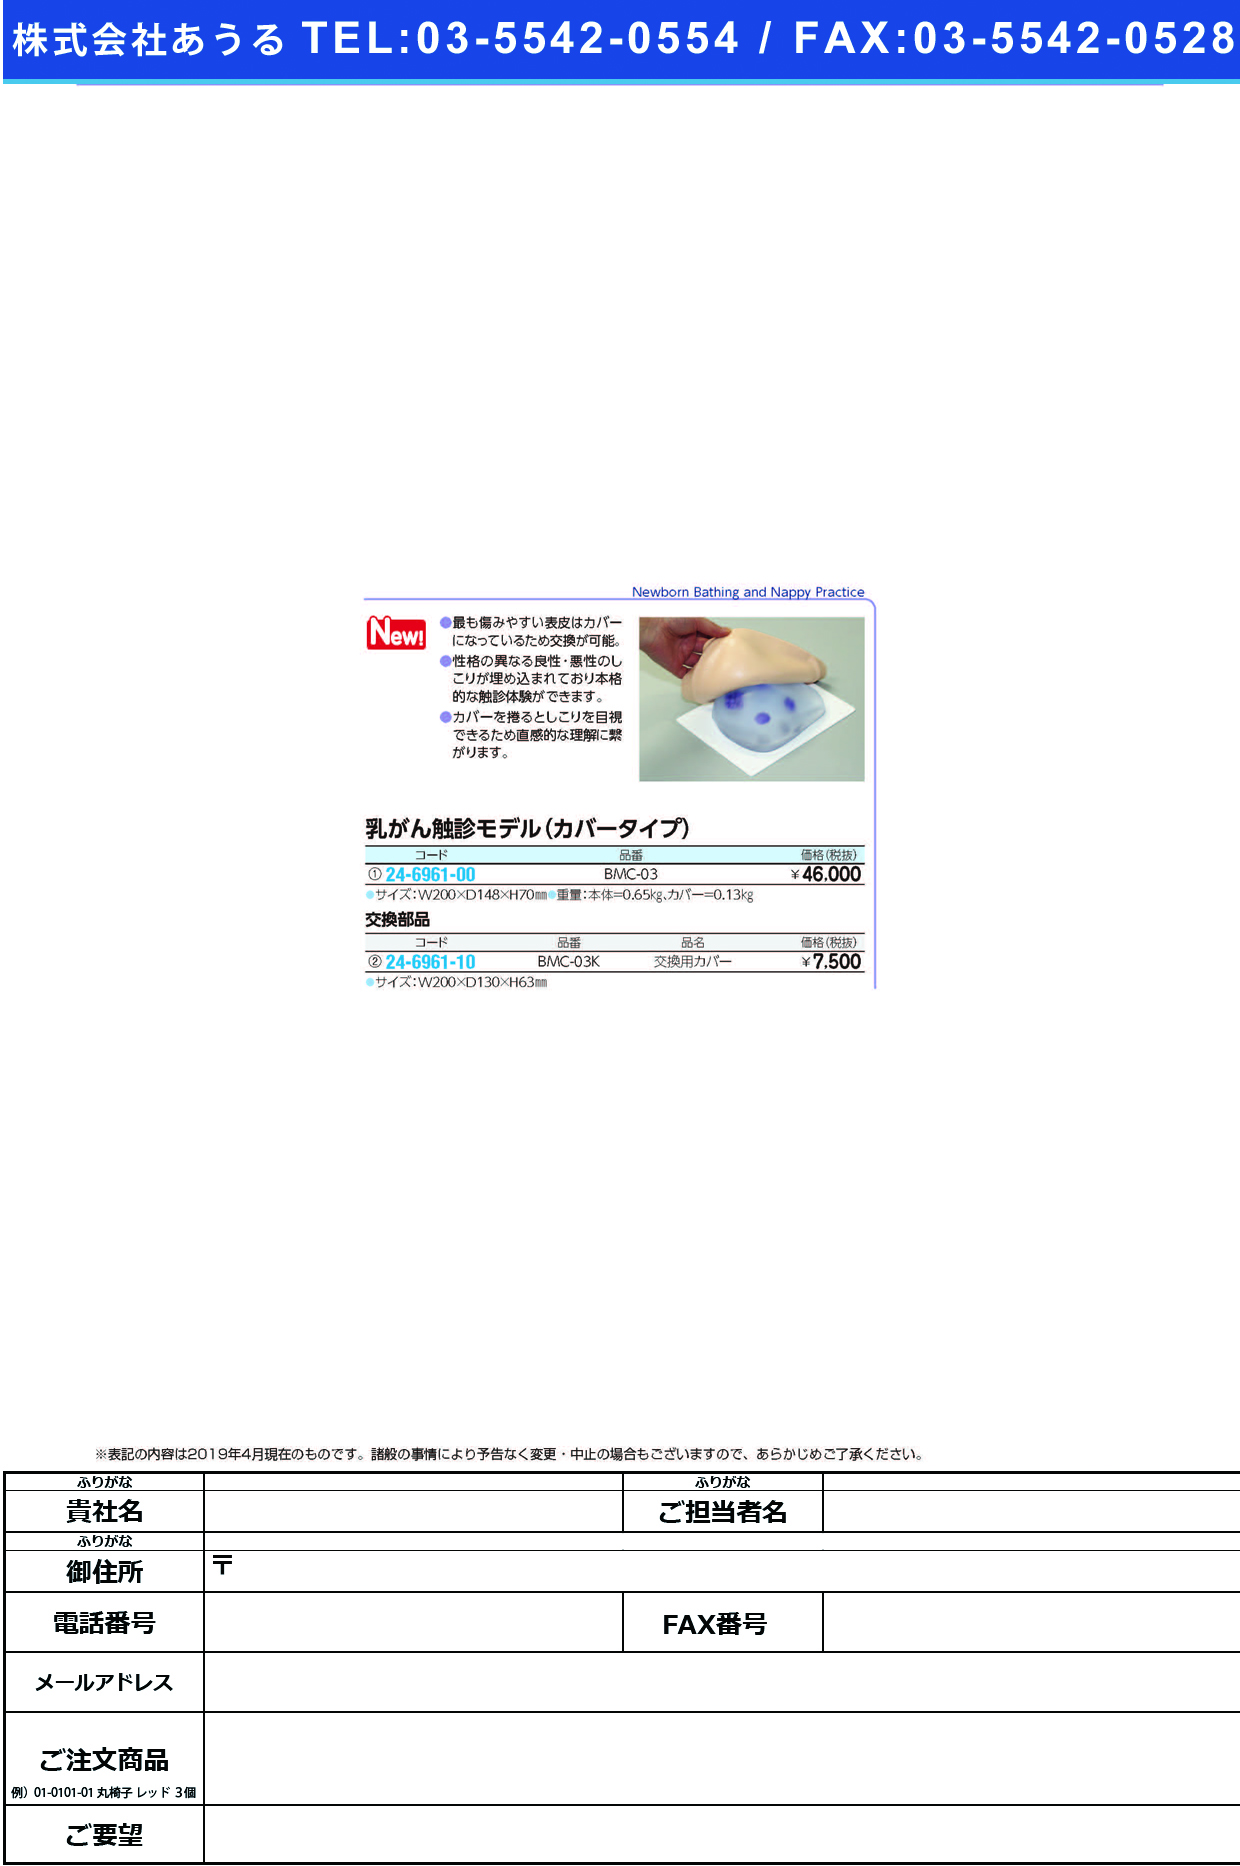 (24-6961-00)乳がん触診モデル(カバータイプ)BMC-03 ニュウガンショクシモデル(レジーナ)【1個単位】【2019年カタログ商品】